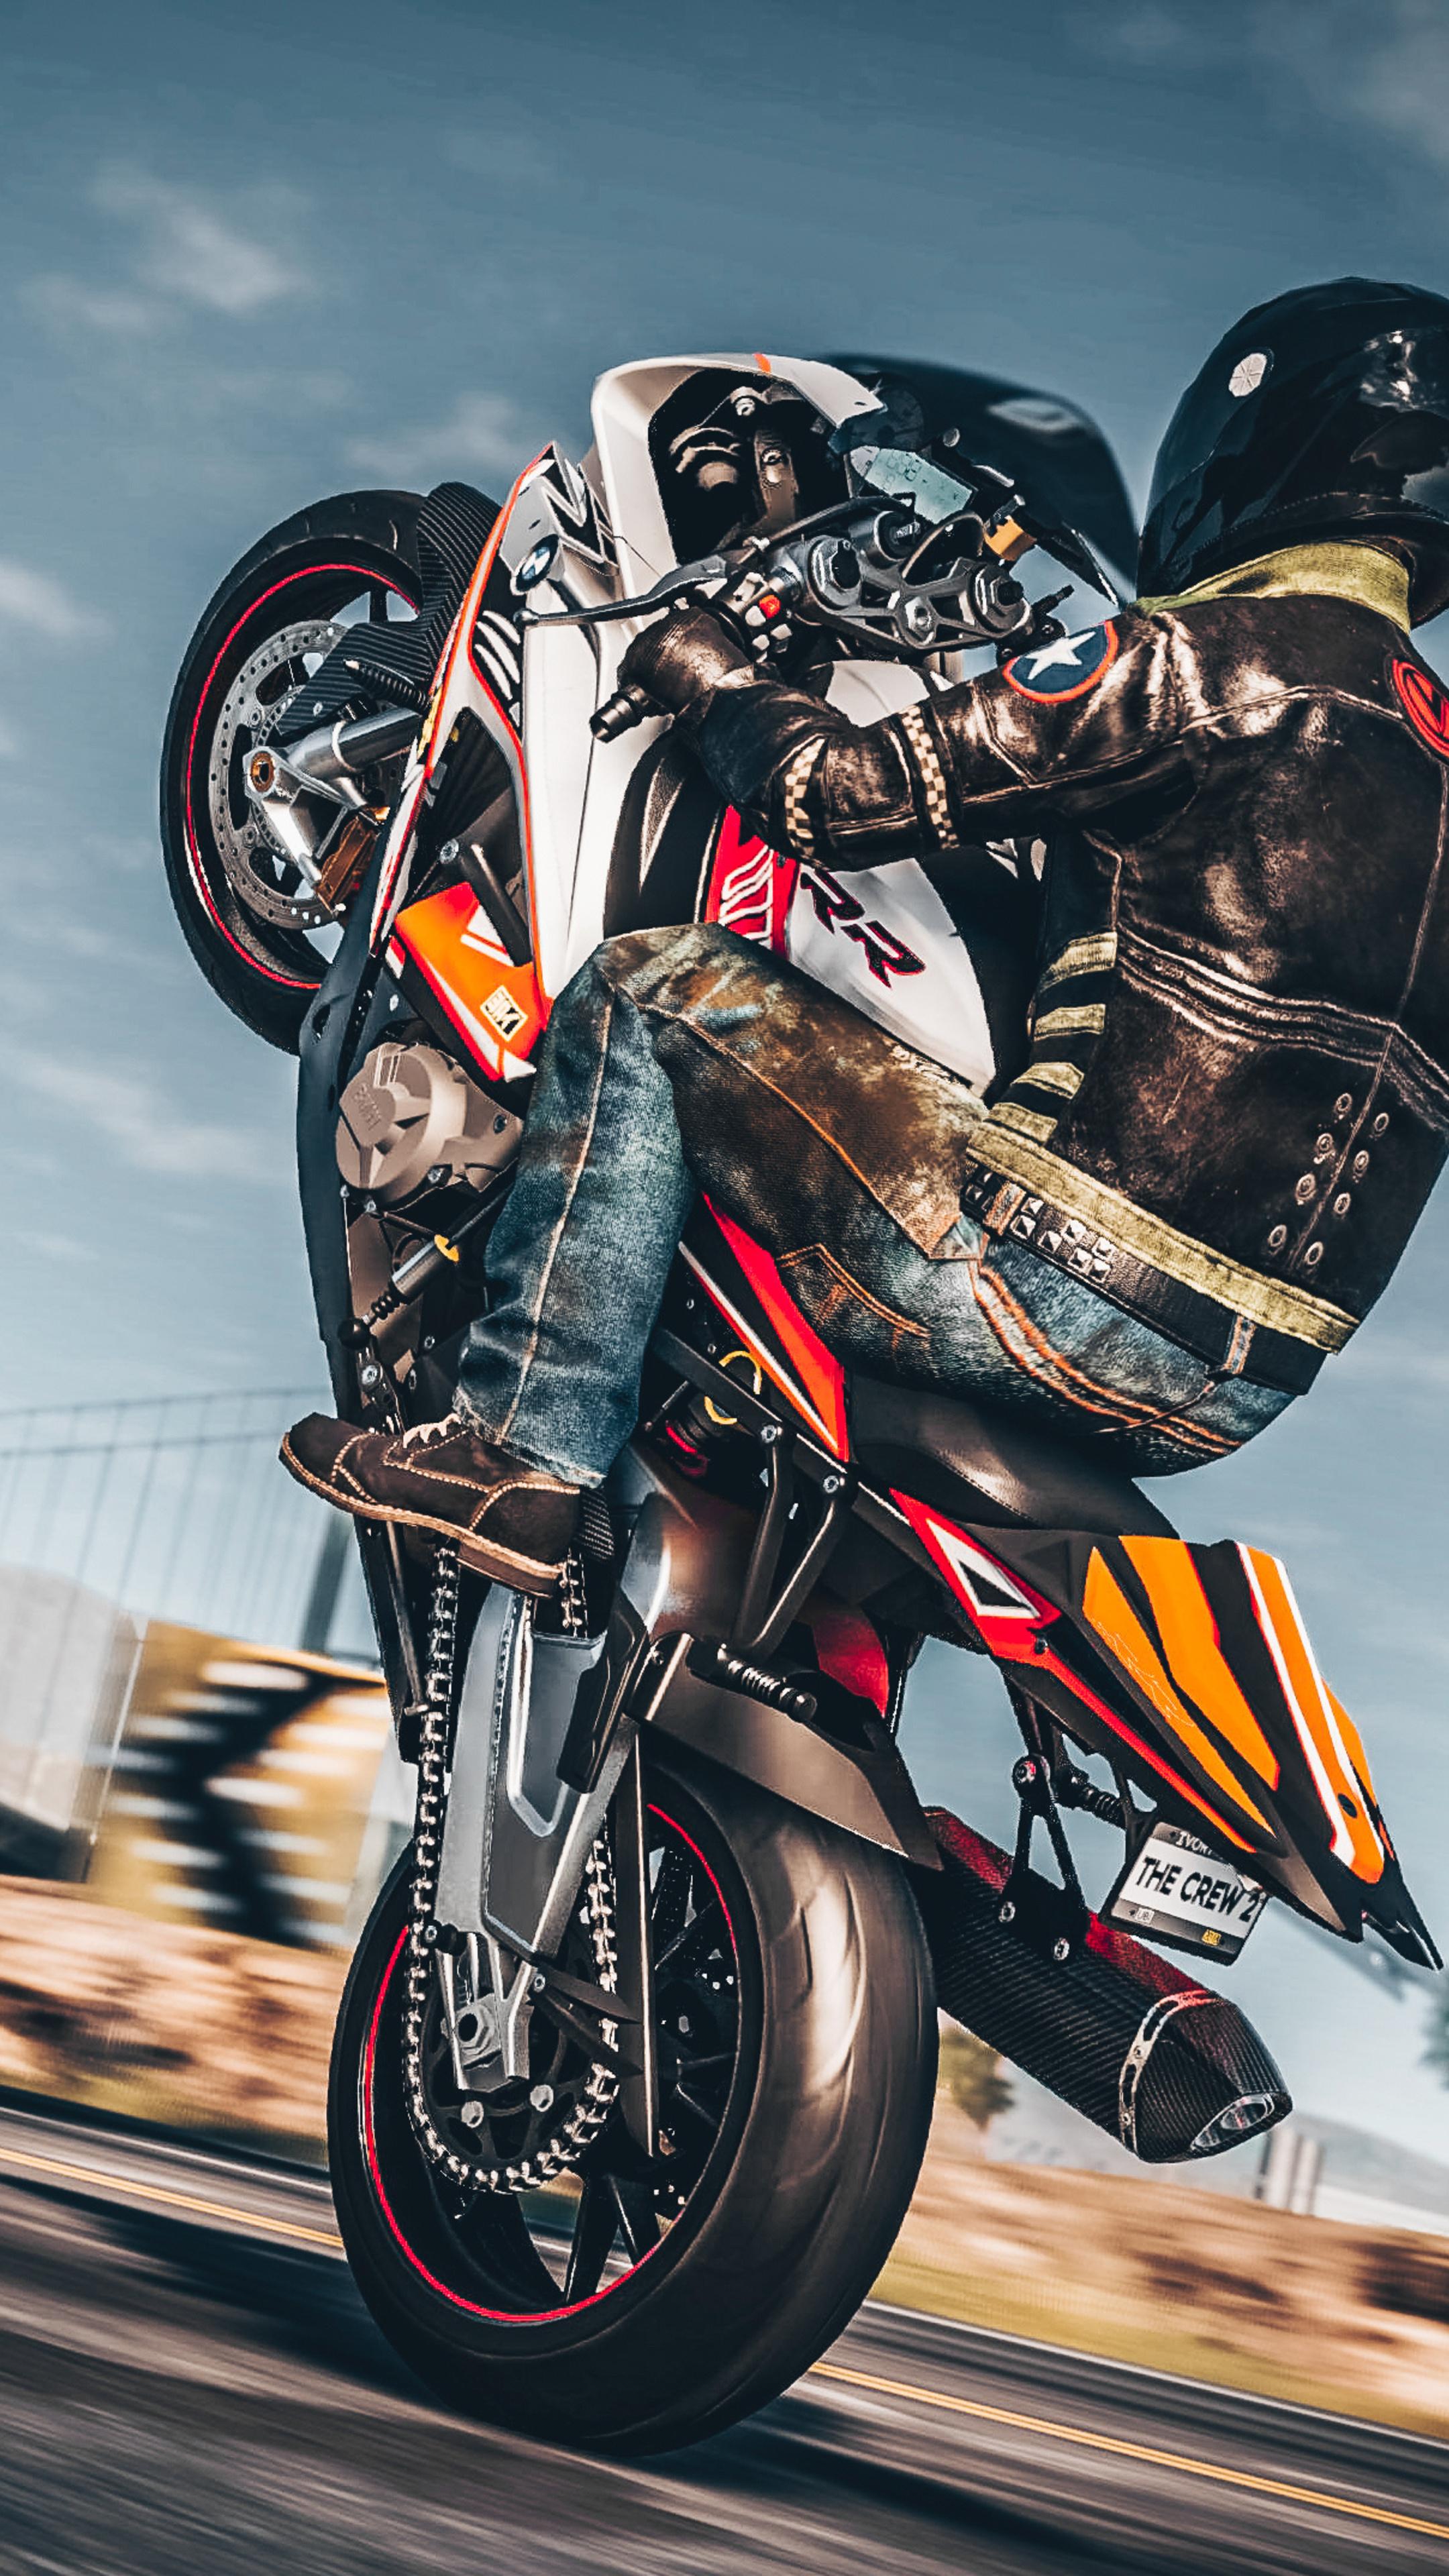 2160x3840 The Crew 2 Wheelie On Bike 4k Sony Xperia X Xz Z5